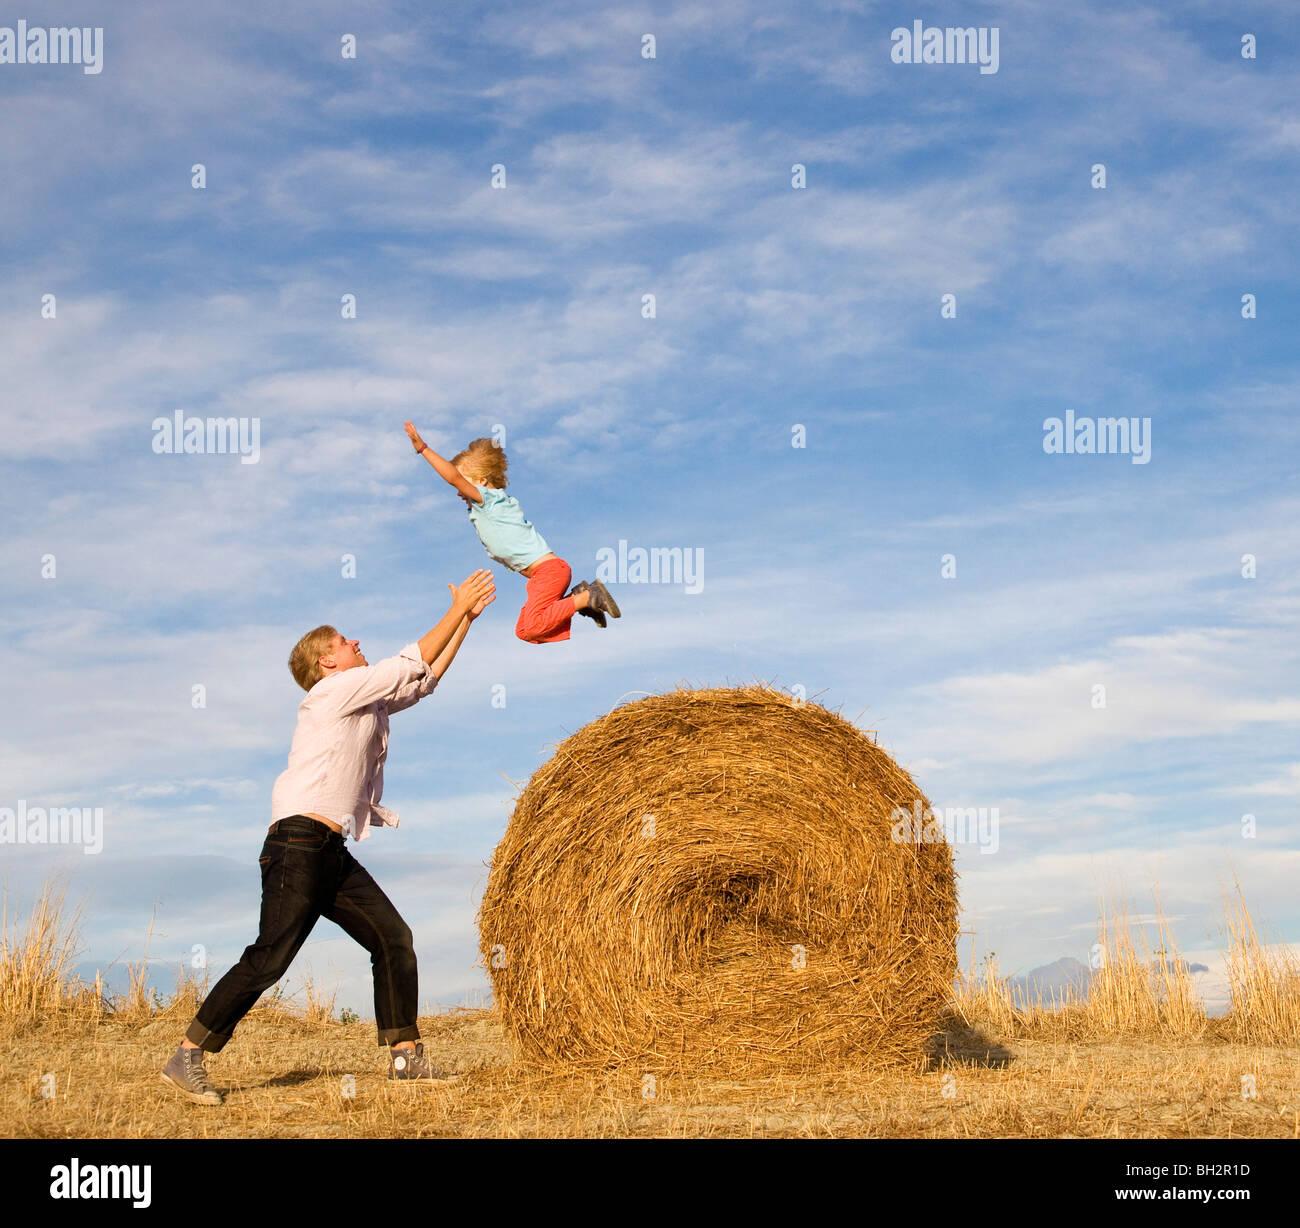 Homme garçon sautant d'attraper des balles de foin Banque D'Images